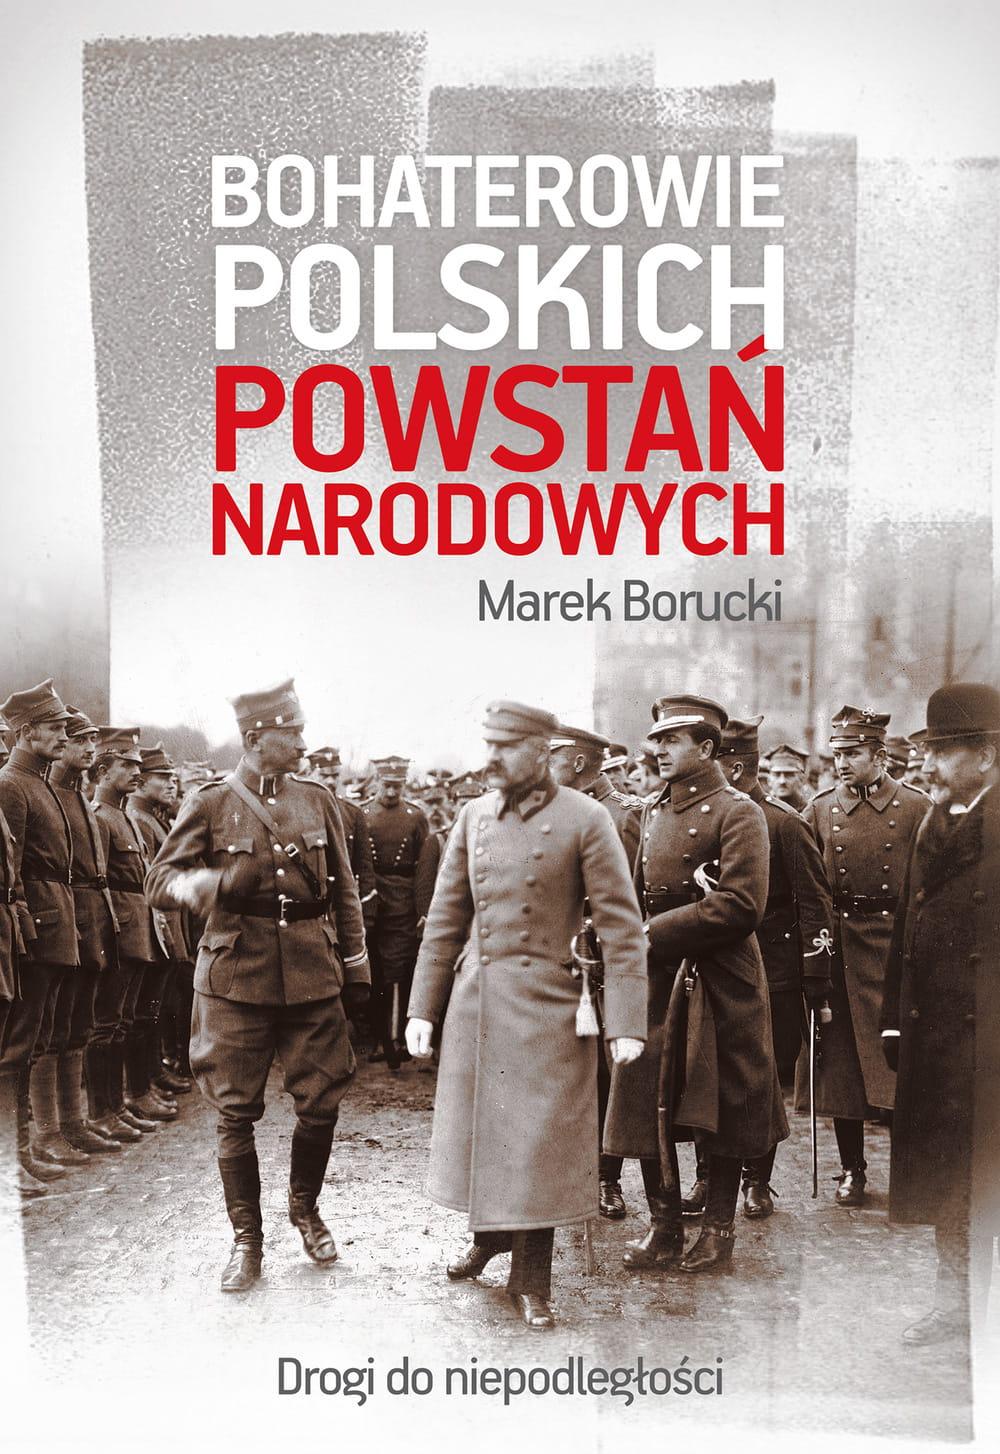 Bohaterowie polskich powstań narodowych - Borucki Marek